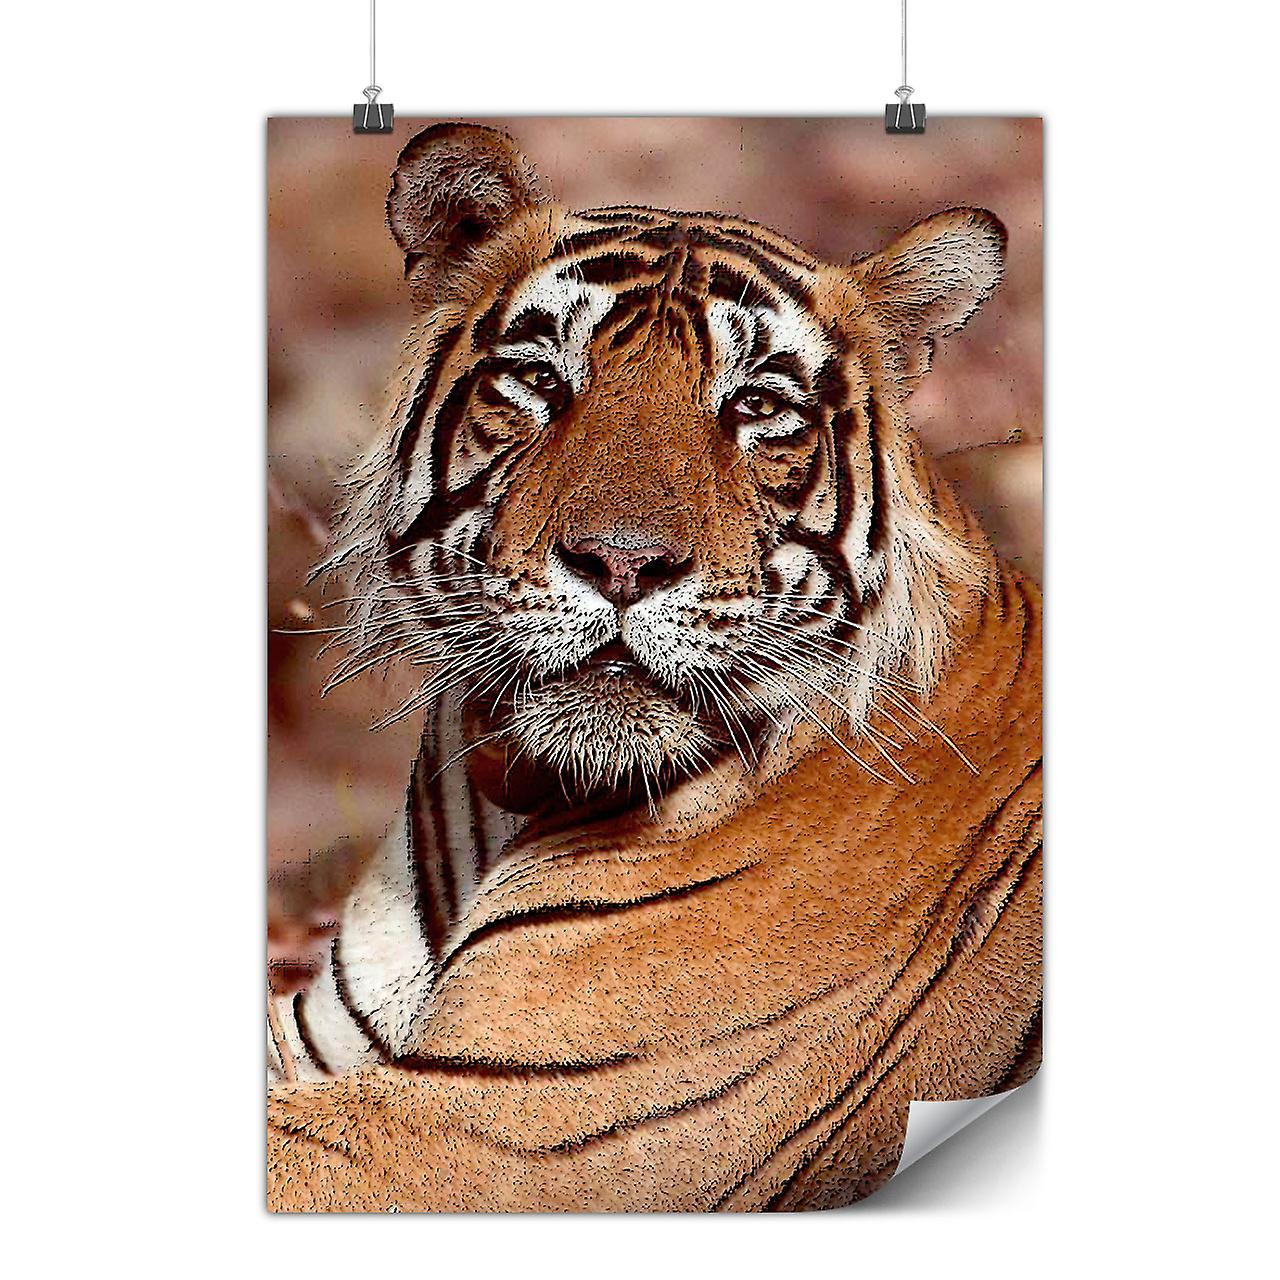 Matt Oder Glänzend Poster Mit Katze Tier Tiger Foto Wellcoda